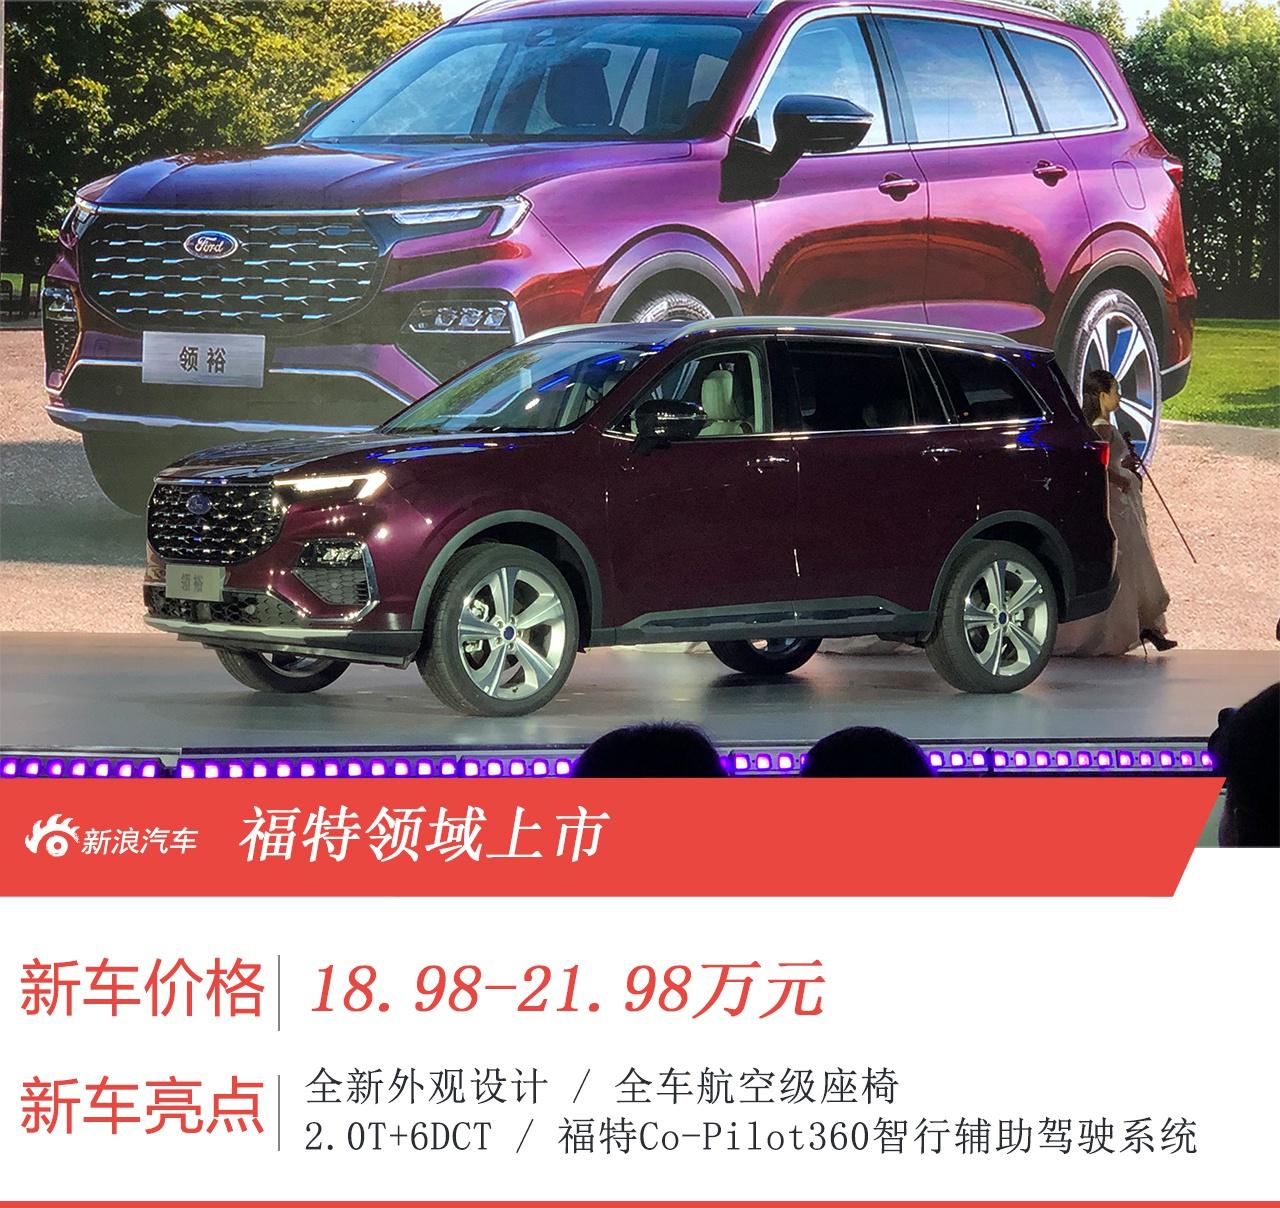 福特领裕上市 售价18.98-21.98万元